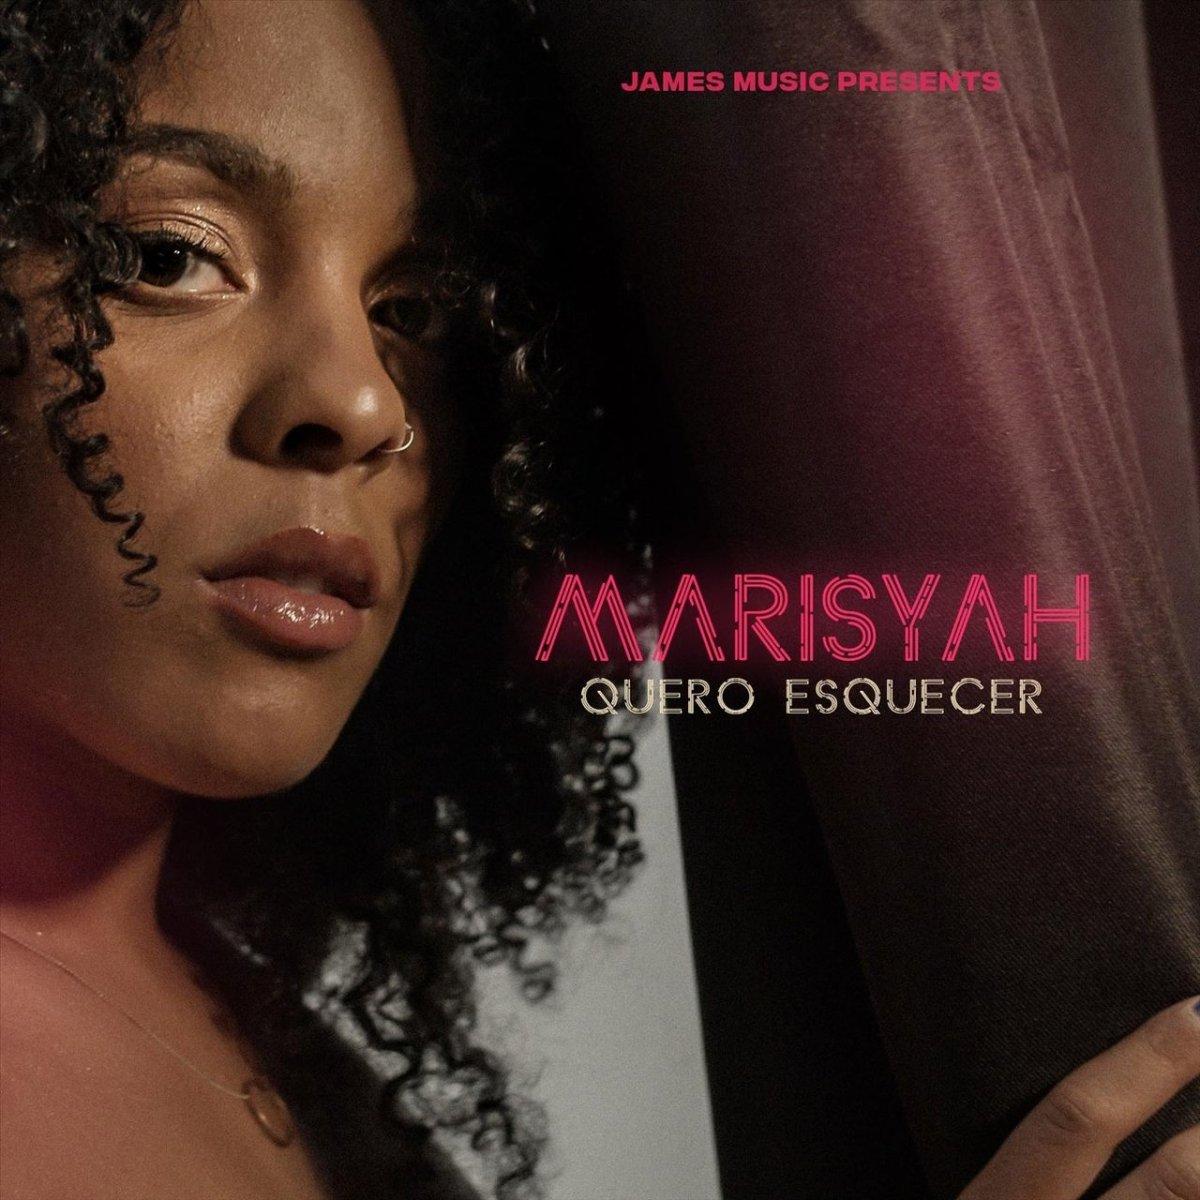 Marisyah - Quero Esquecer (Cover)